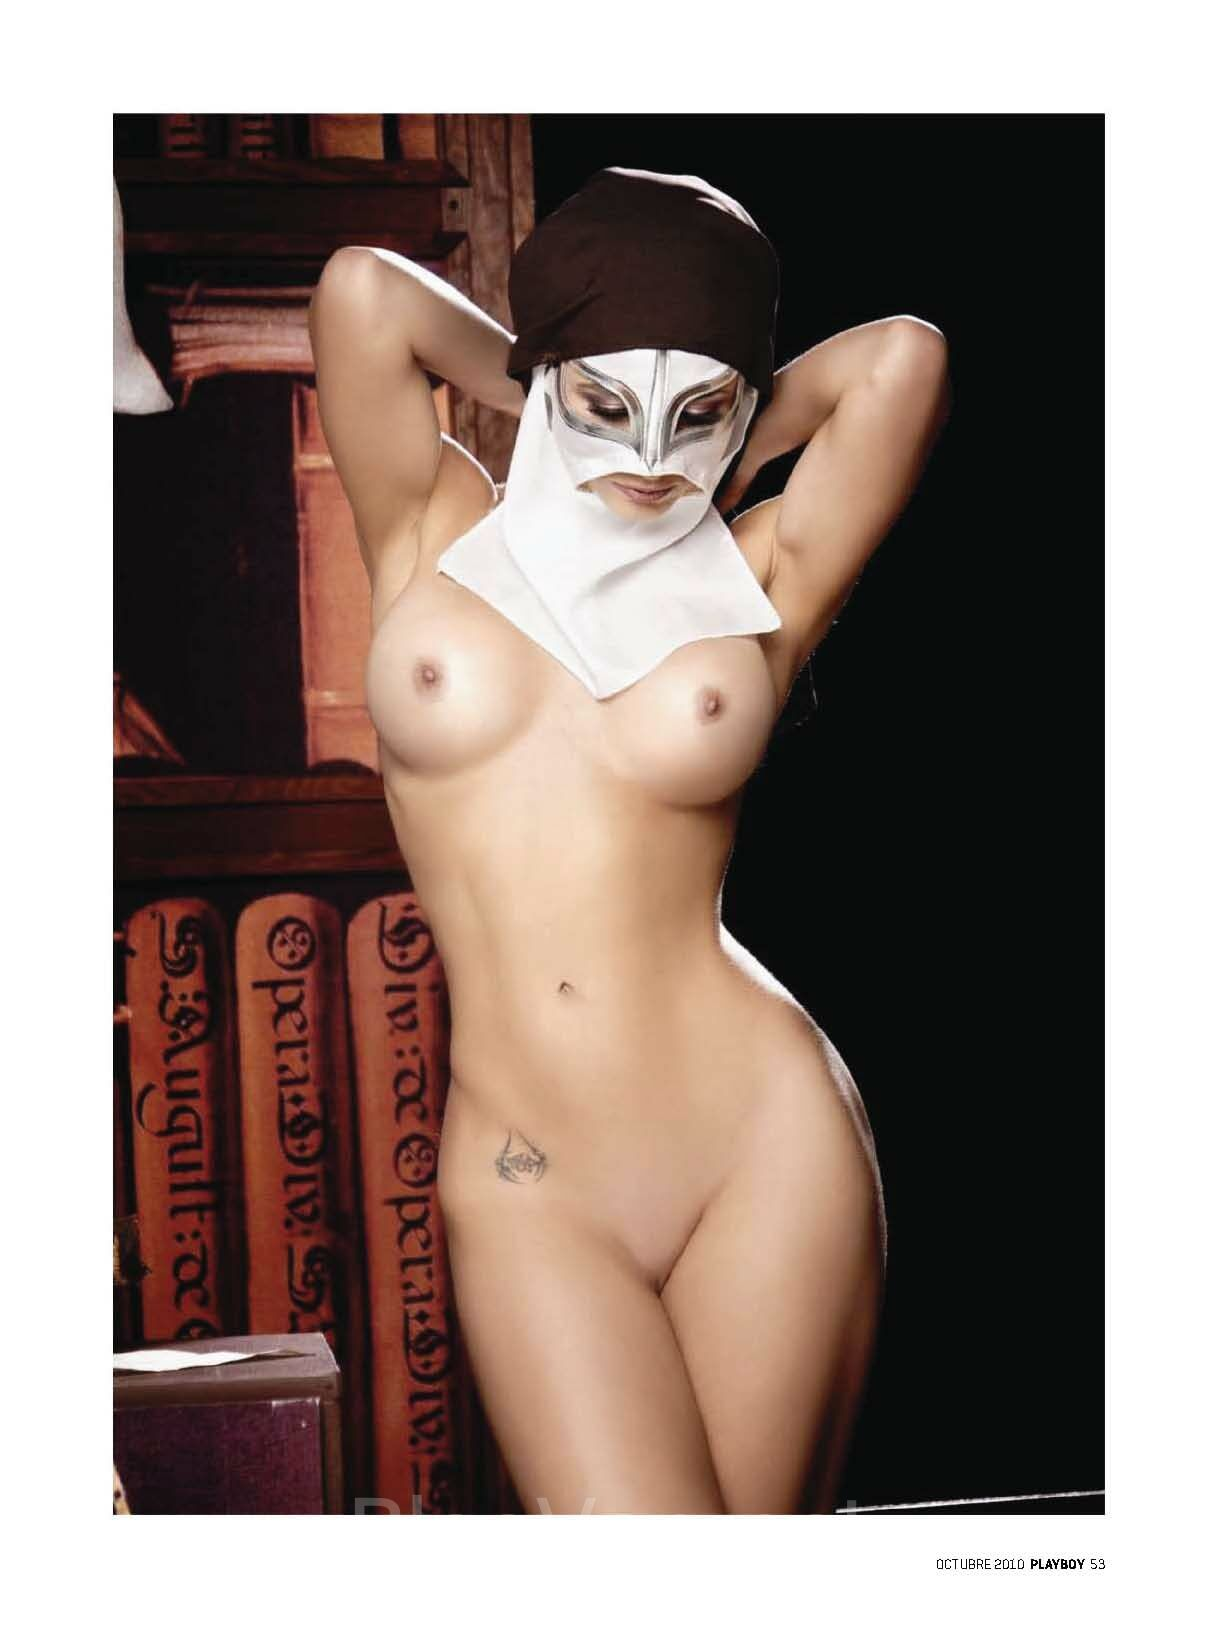 Tduid La Reata De Brozo Playboy Meico Blogven